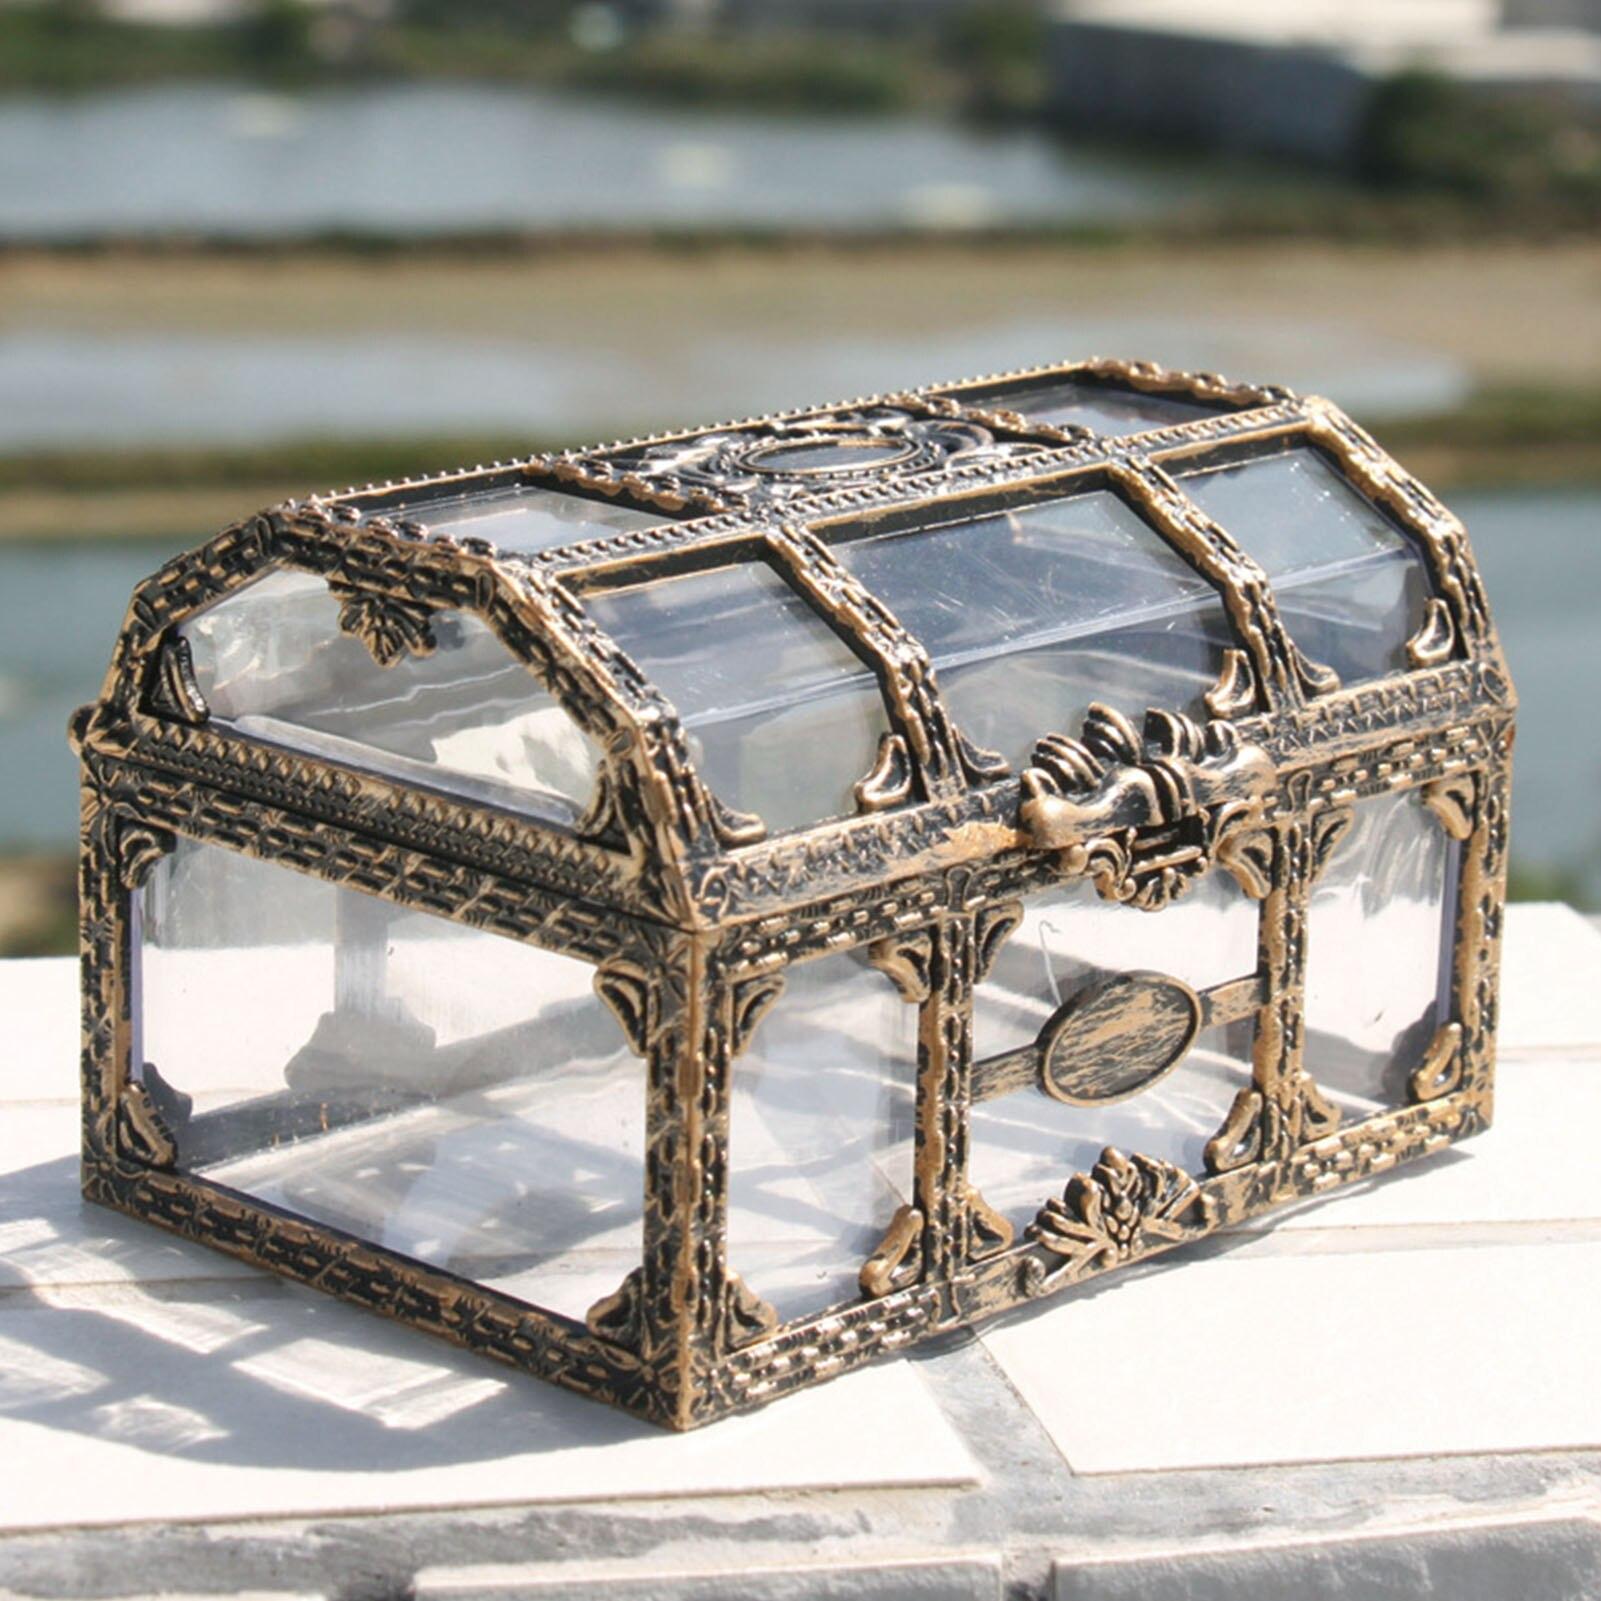 Ретро Пластик прозрачный пиратский Treasure Box кристальных камней, шкатулка для хранения Организатор Брелок сувенир сундук